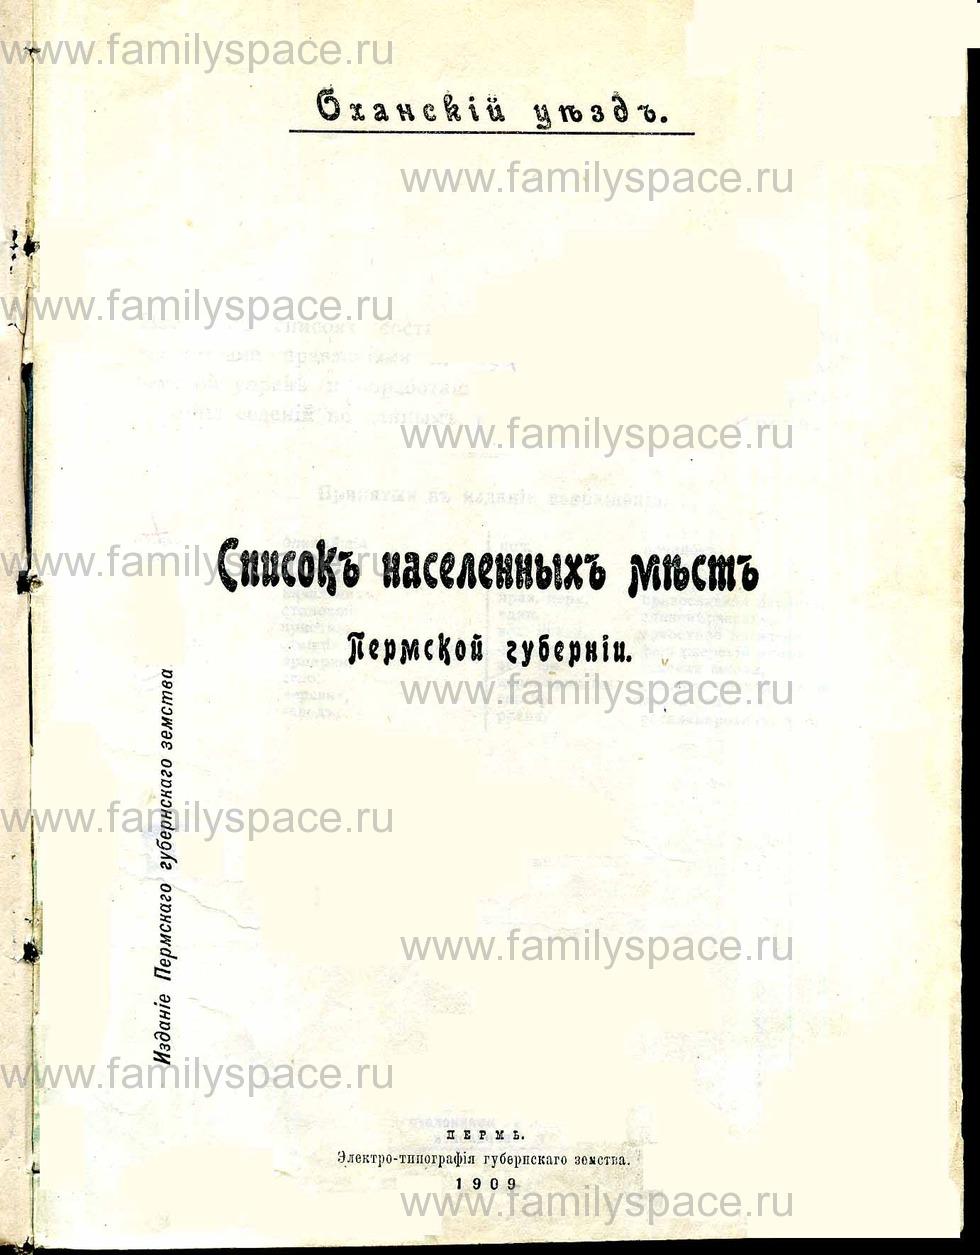 Поиск по фамилии - Список населенных мест Пермской губернии Оханский уезд 1909 г, страница 1